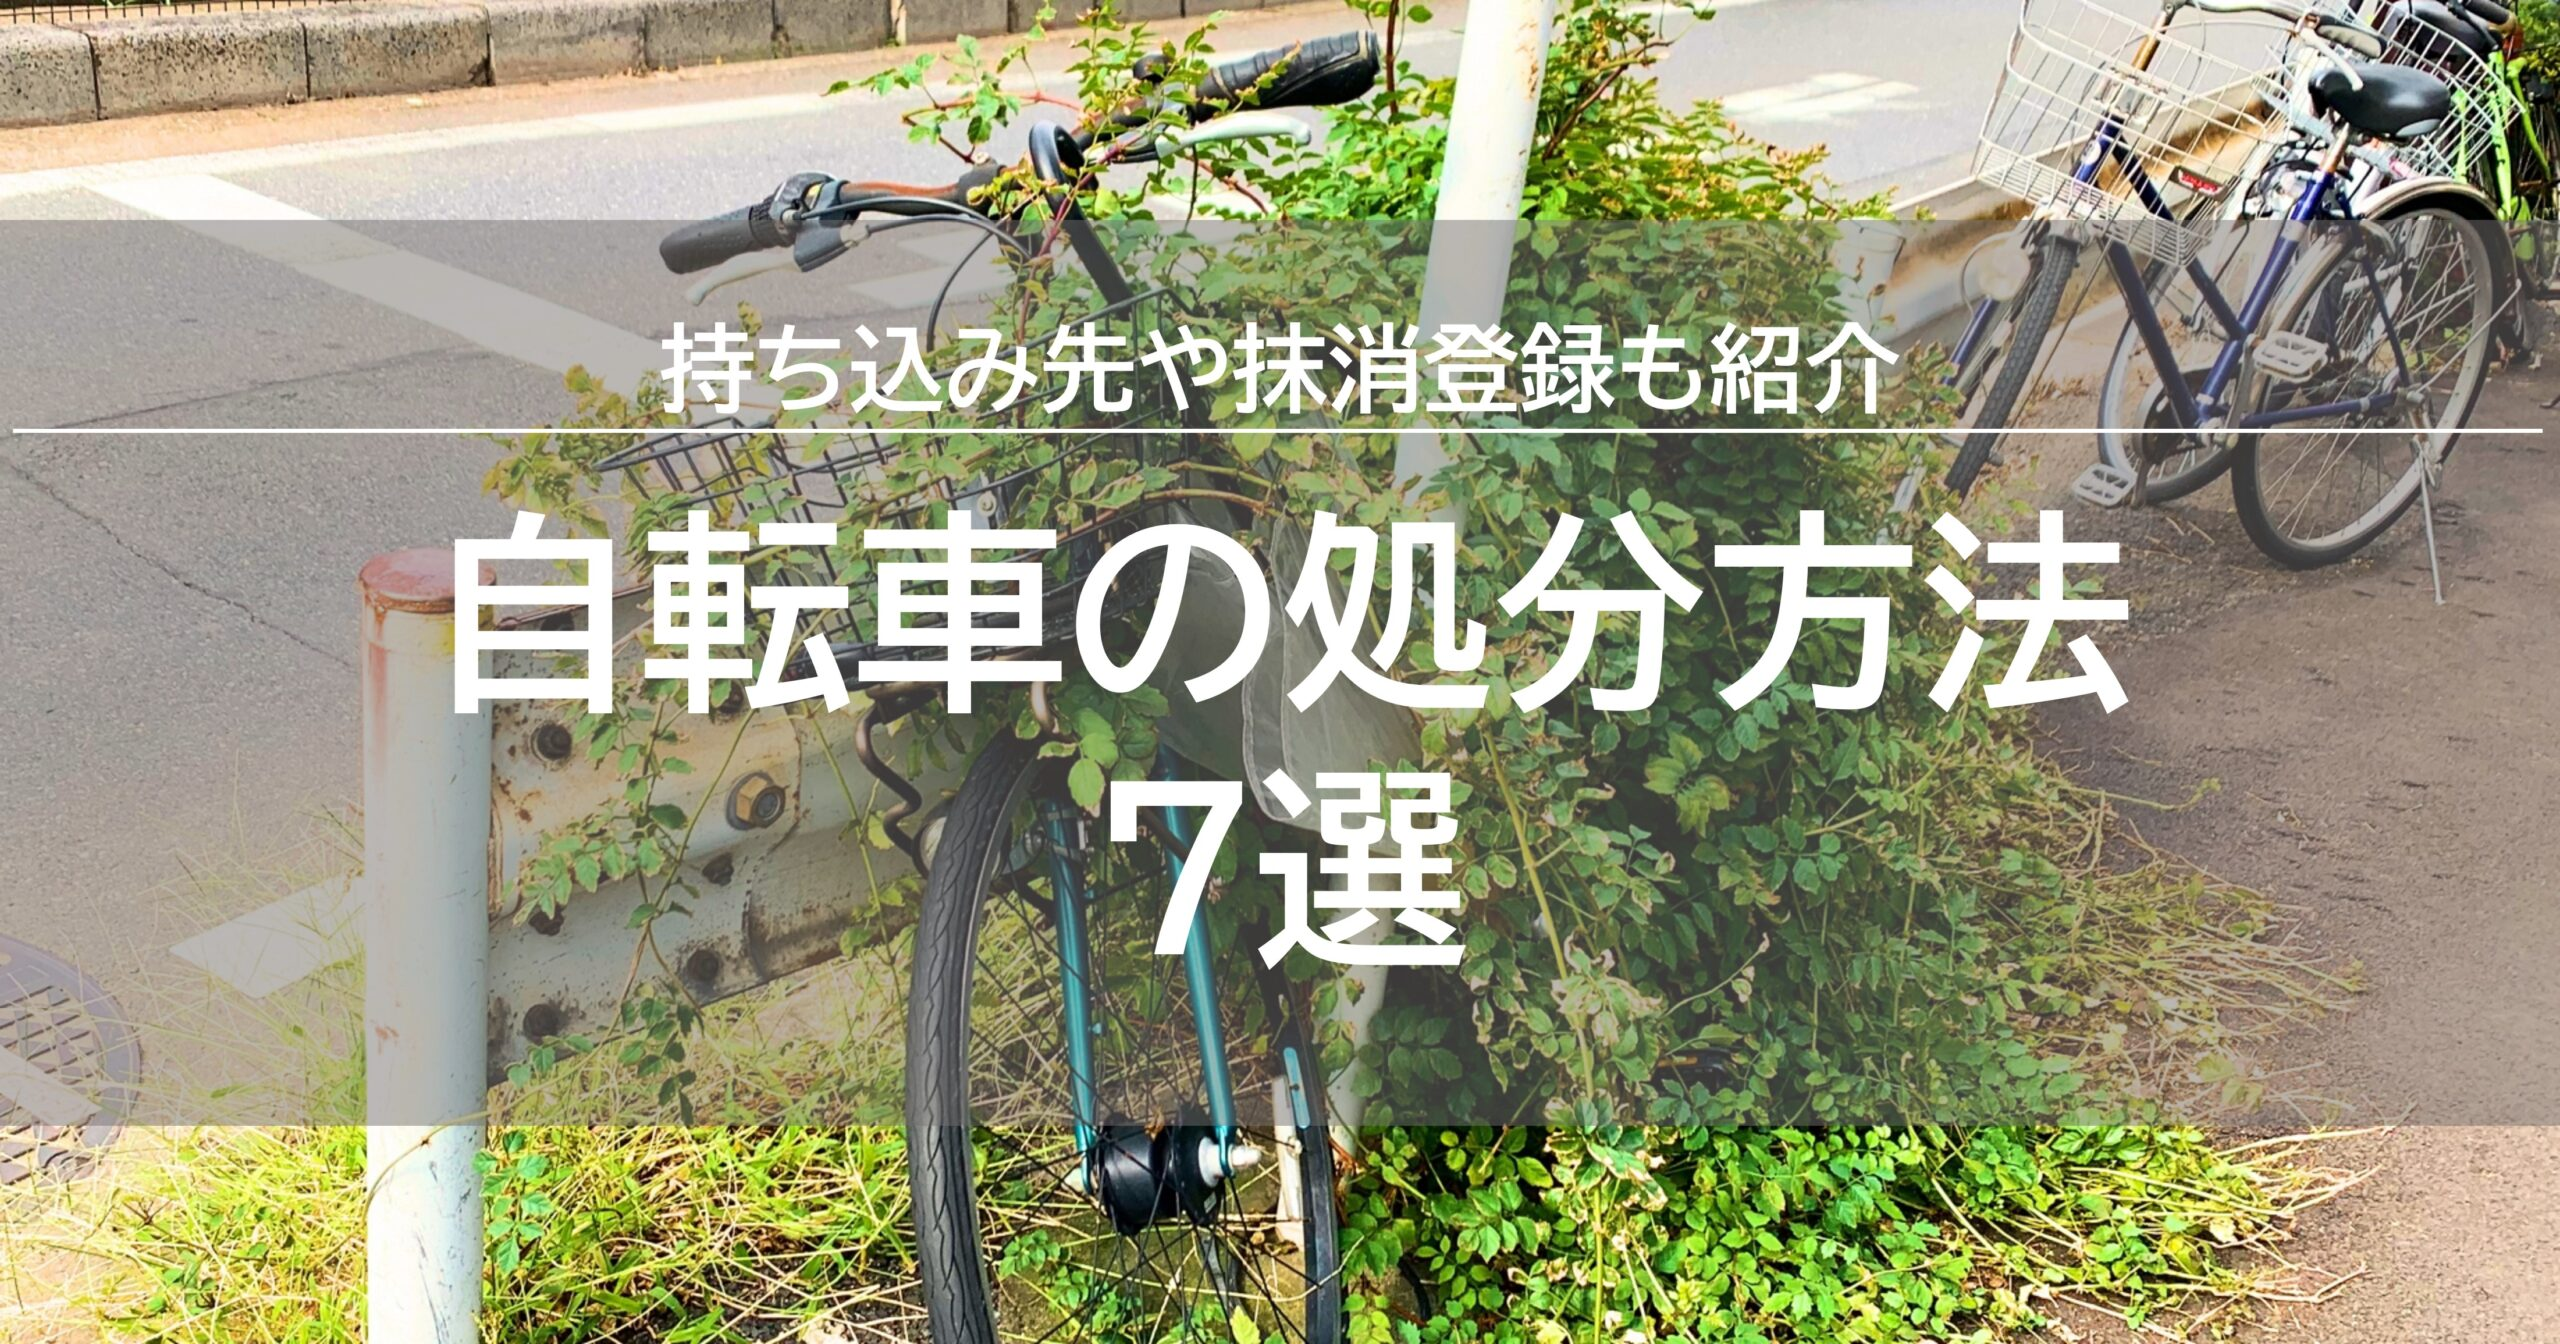 自転車処分方法7選サムネイル